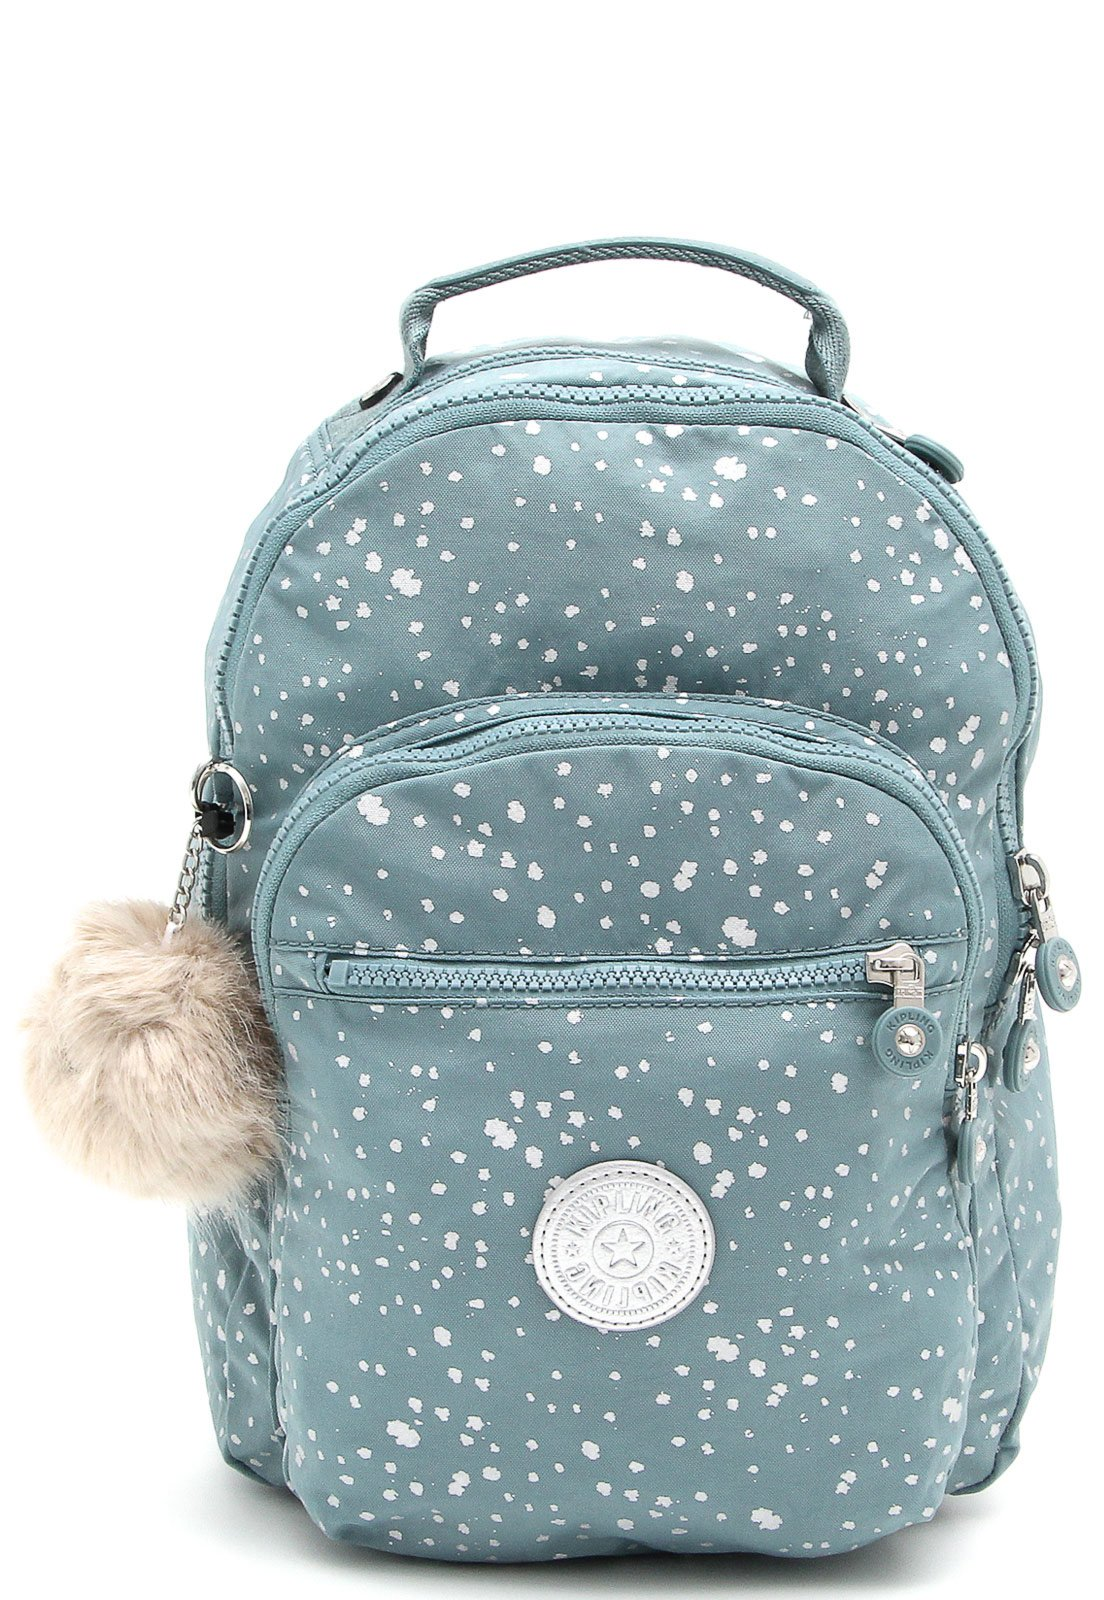 expandir sobrina A menudo hablado  Mochila Kipling Backpacks Clas Seoul S Sky_72 Azul - Compre Agora | Tricae  Brasil